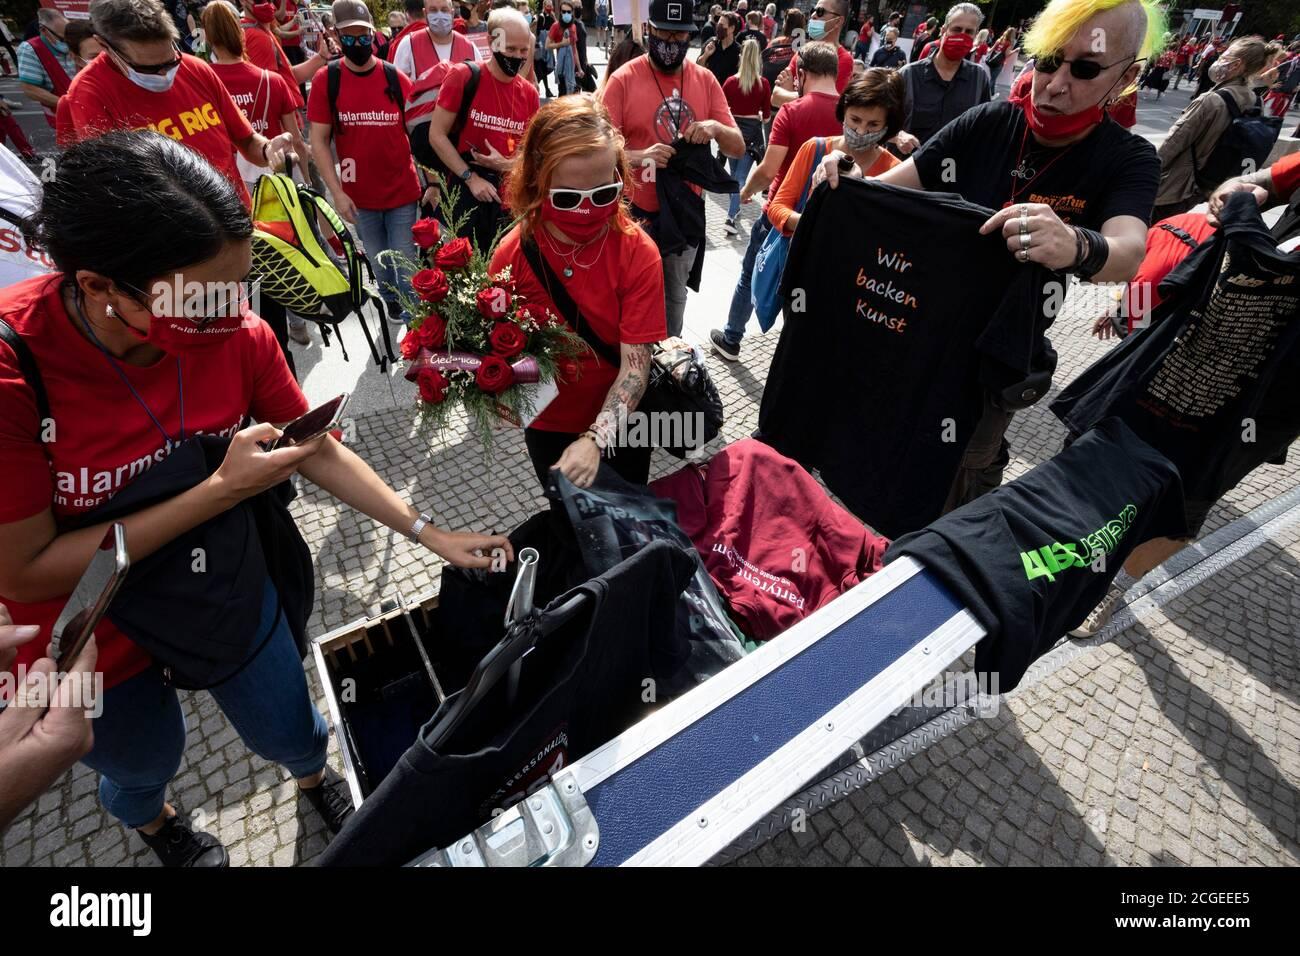 Berlin, Deutschland. September 2020. Red Alert Protest von Menschen, die von der Schließung von kulturellen Organisationen und Veranstaltungen aufgrund der Coronavirus-Krise betroffen. Menschen spenden T-Shirts von einer Veranstaltung für eine Mahnwache vor dem Reichstag. Stockfoto